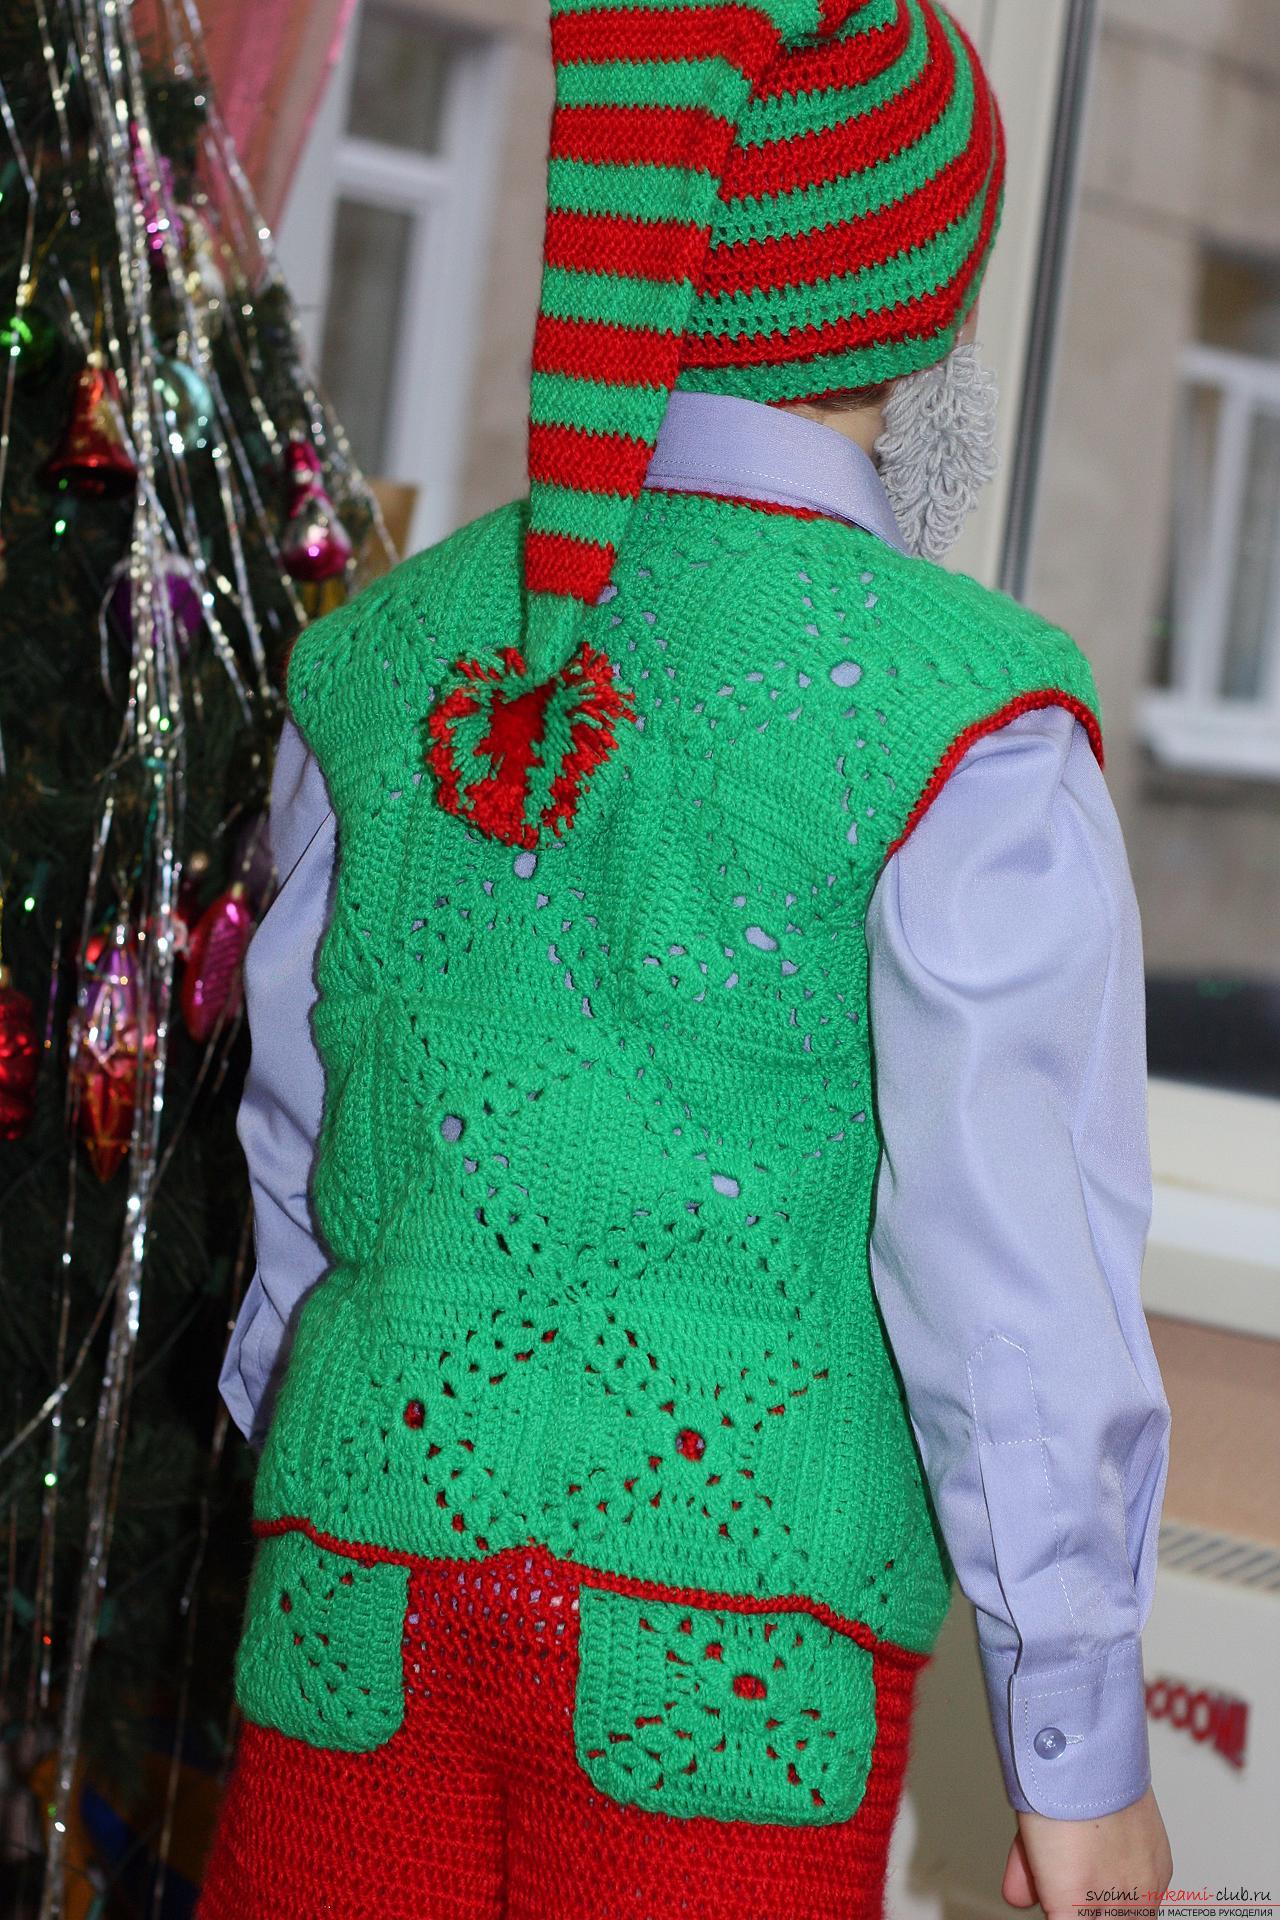 """Карнавальный костюм для мальчика""""Гномик"""" - вязание крючком ... - photo#18"""